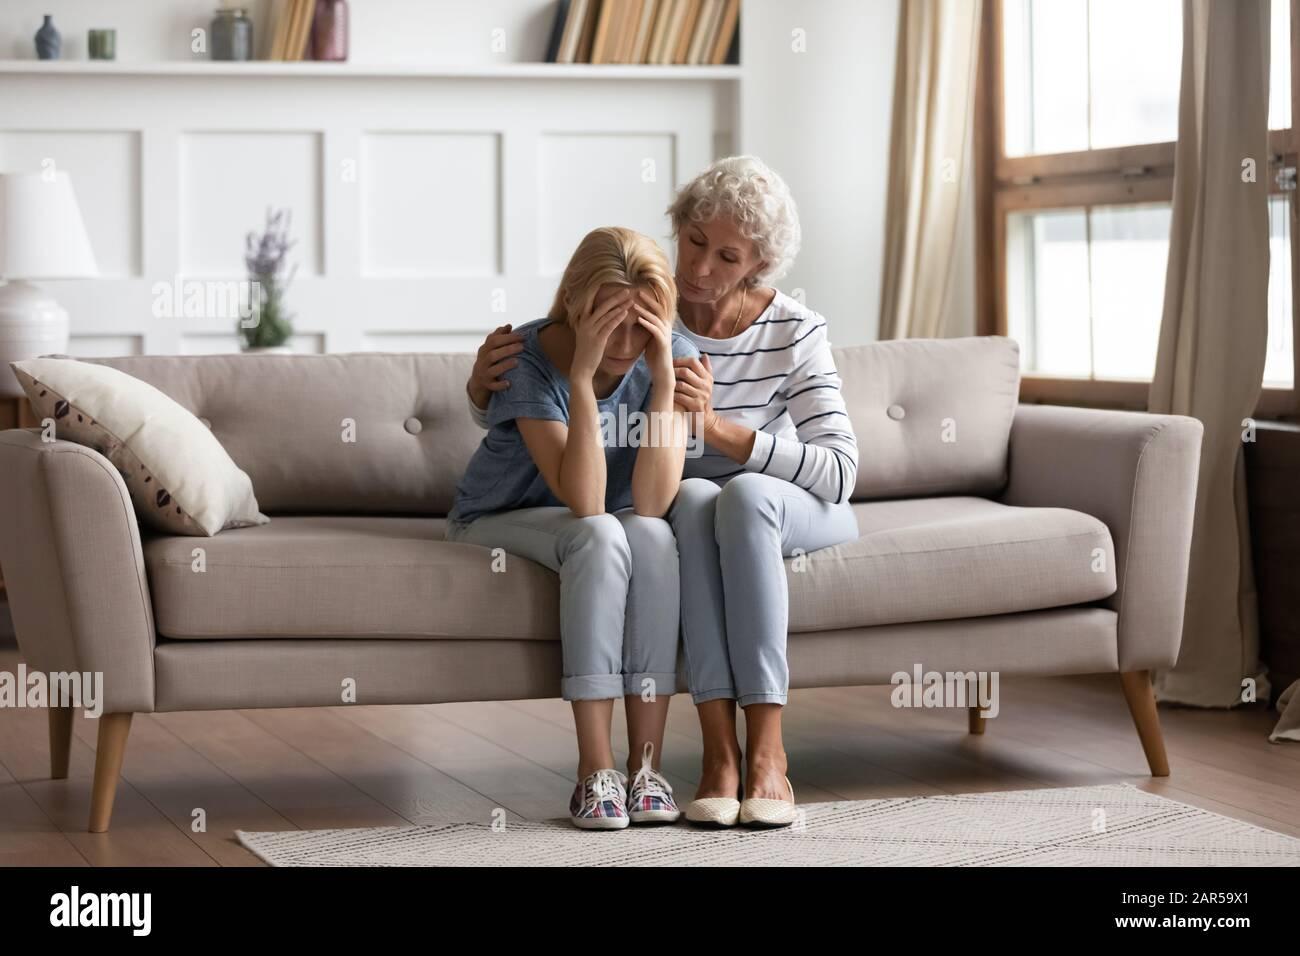 Madre empática de mediana edad que muestra apoyo a la hija mayor. Foto de stock